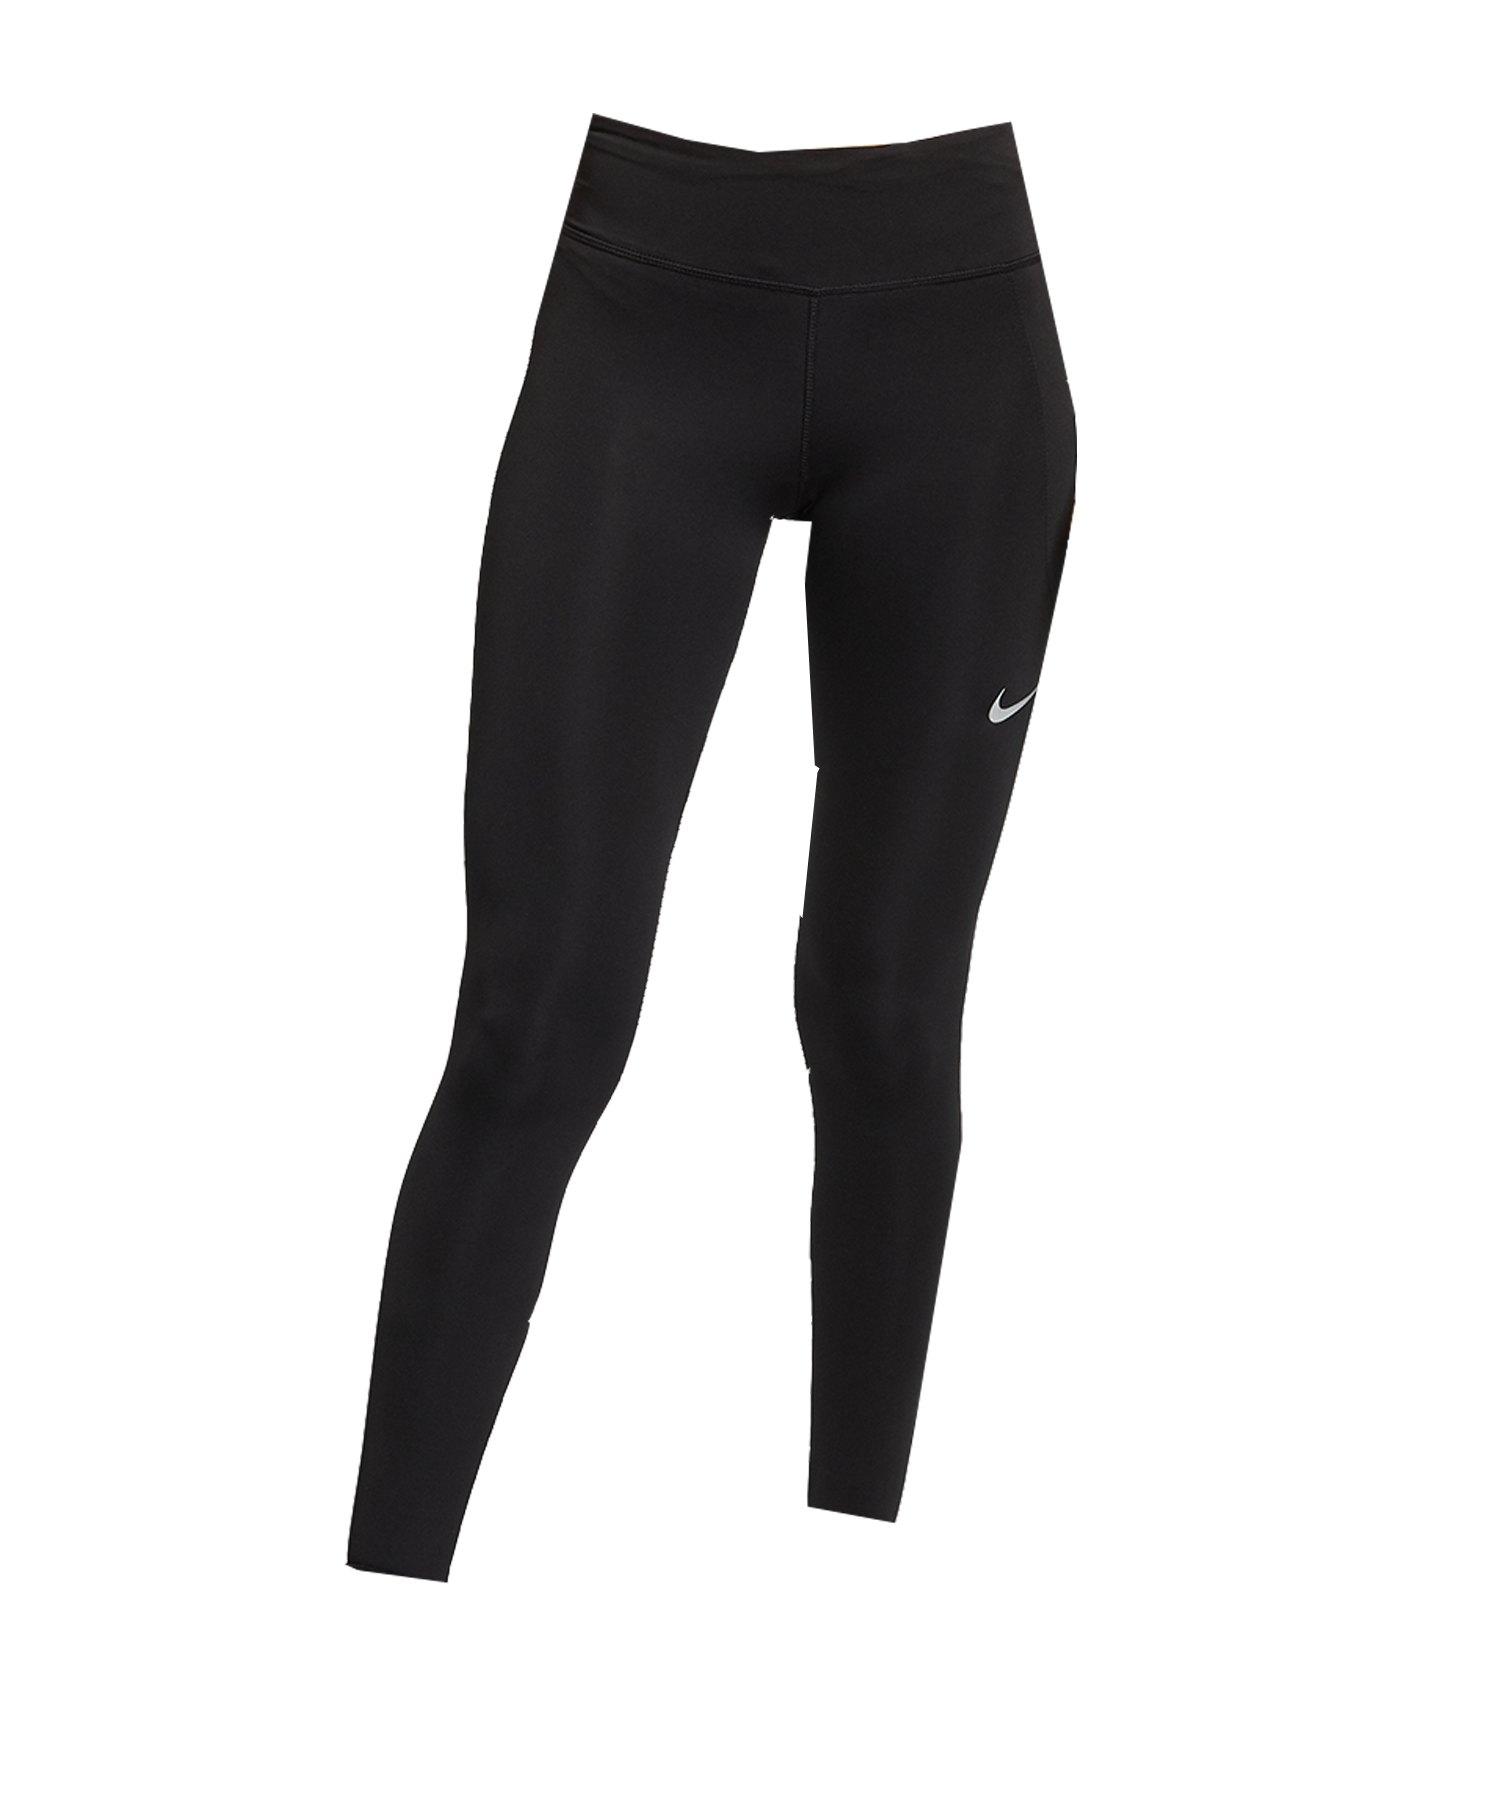 Nike Fast Leggings Damen Schwarz F010 - schwarz